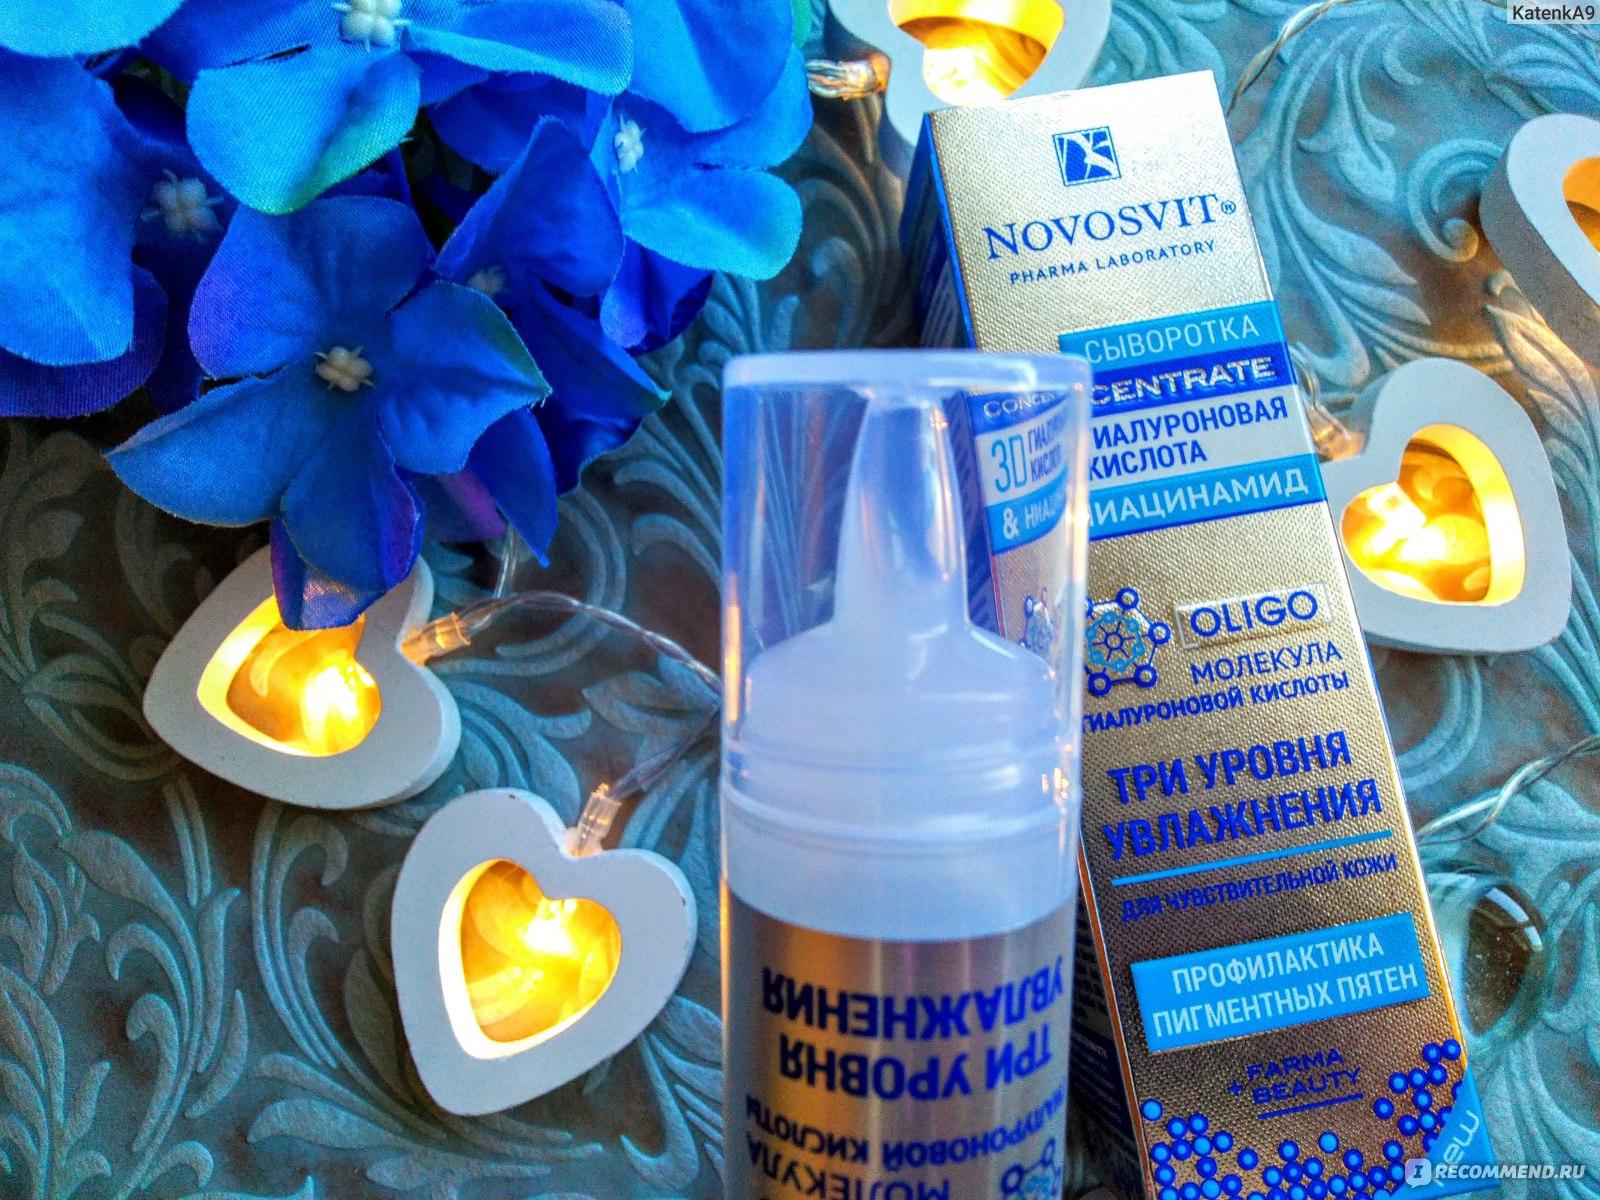 Новосвит косметика купить в новосибирске купить косметику и парфюмерию в минске